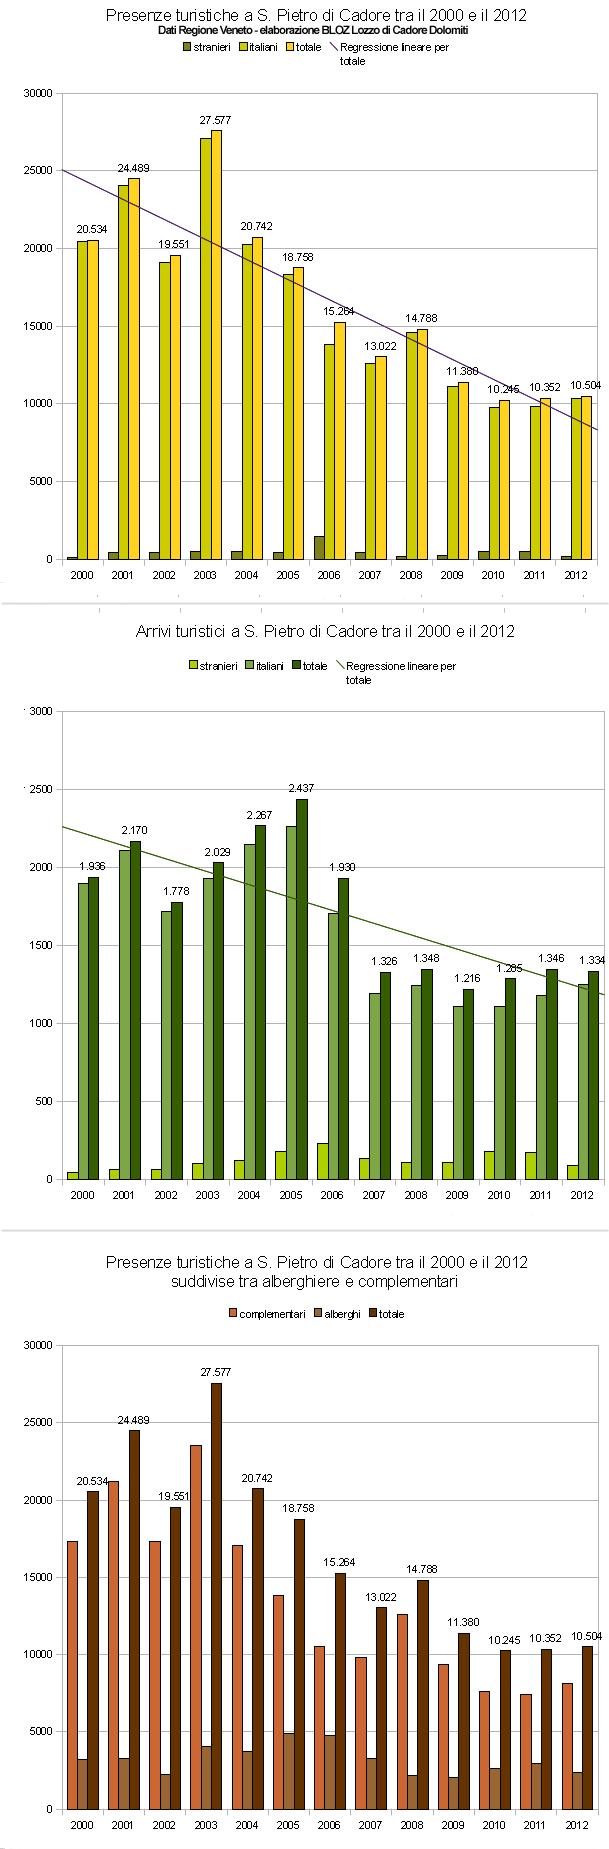 Andamento arrivi e presenze turistiche a S. Pietro di Cadore tra il 2000 e il 2012